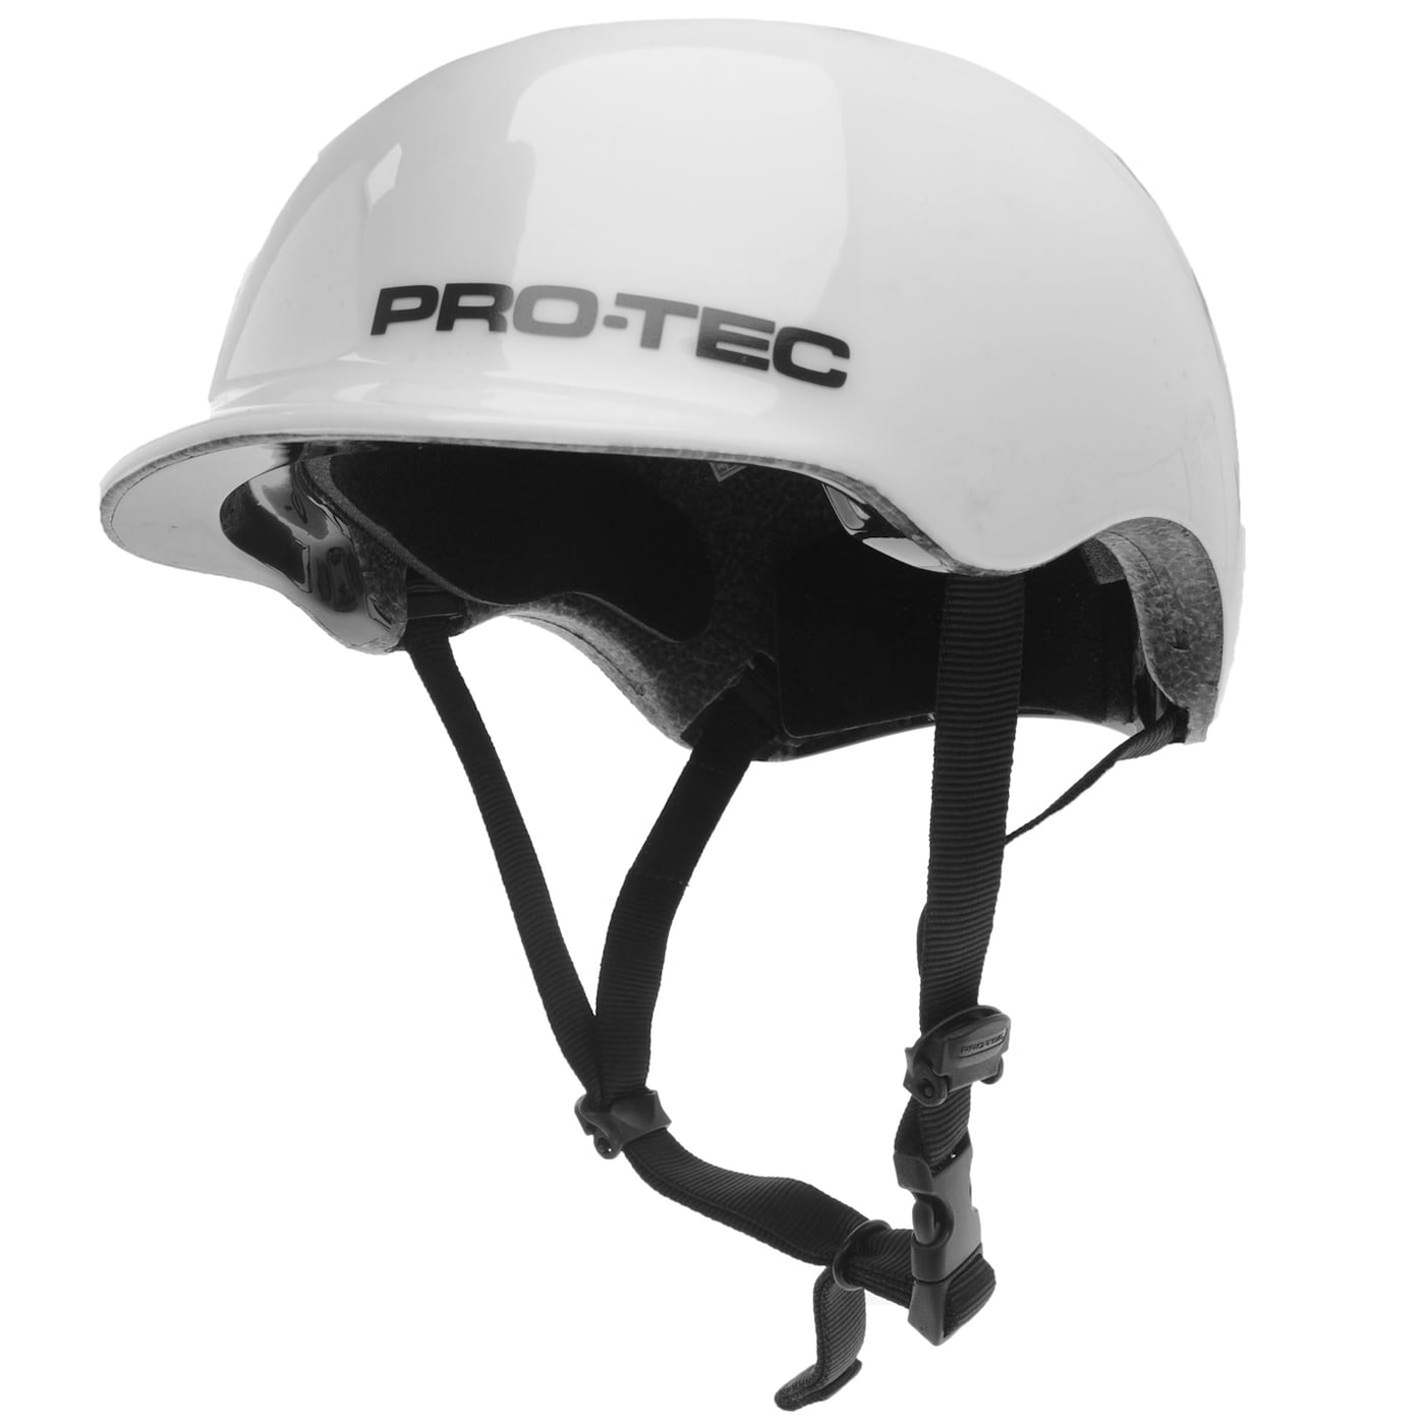 Pro Tec Riot Cycle Helmet